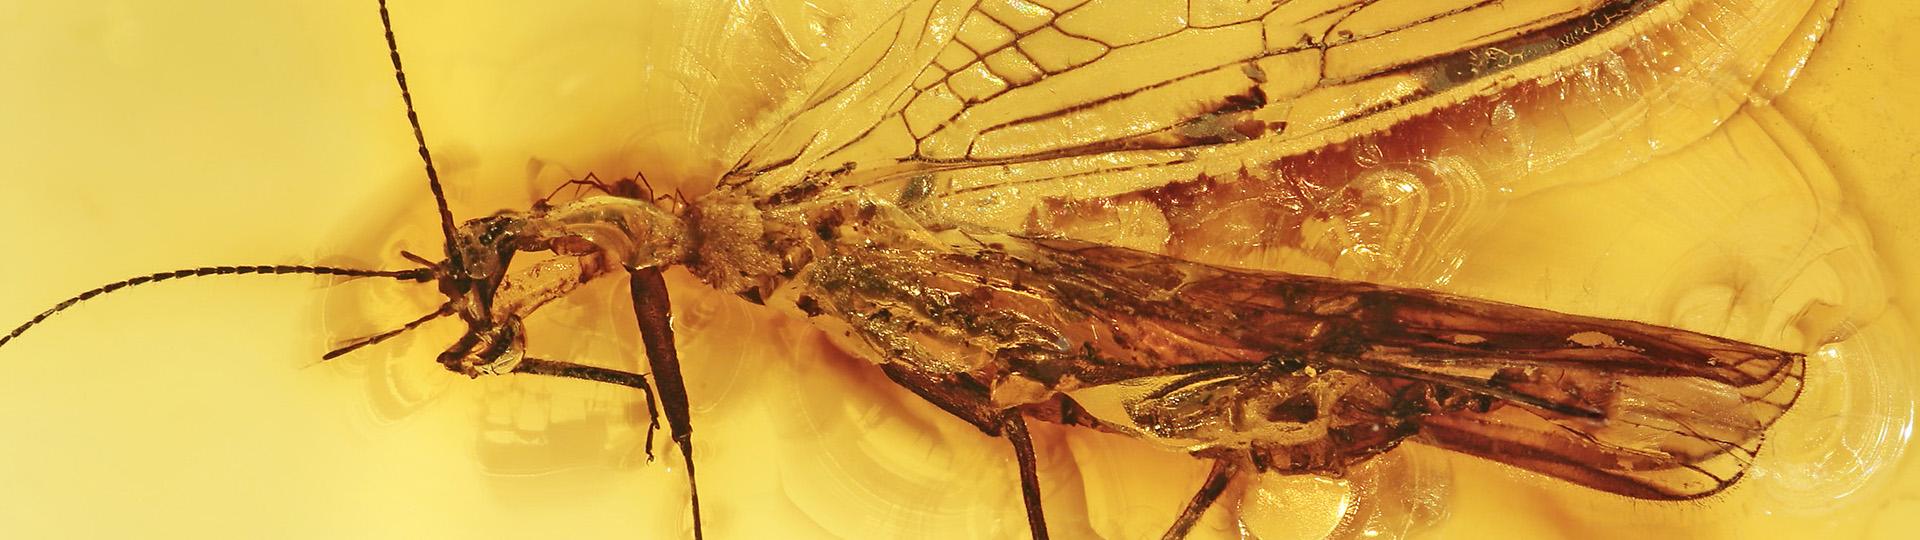 Eine Milbe angeheftet an einer Steinfliege, Phoresie im Bernstein als Einschluss